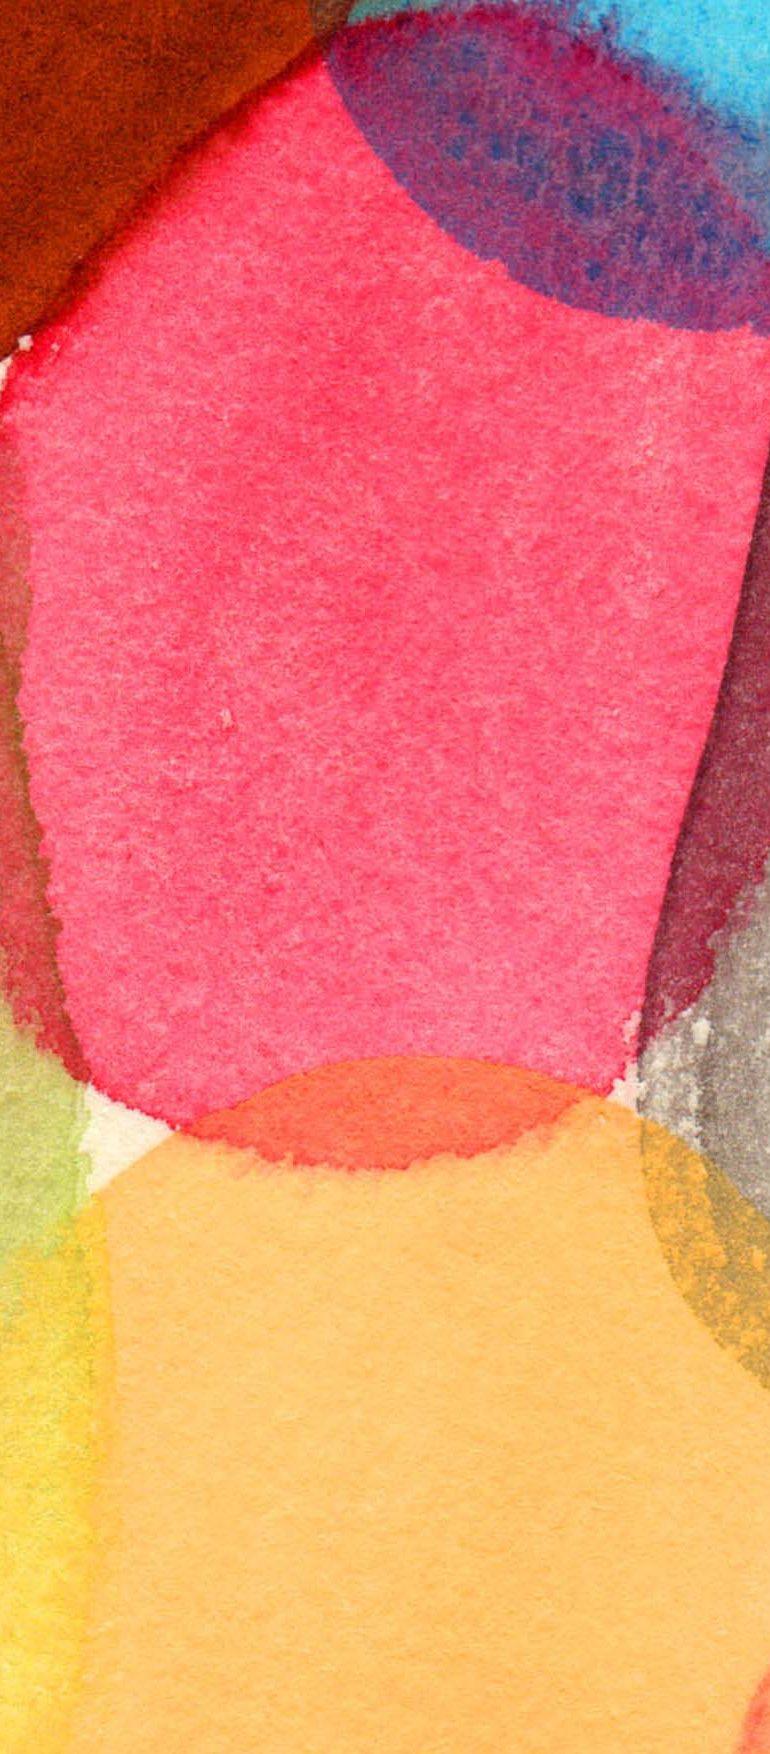 ジェラートのフレーバーをイメージした水彩で描いた模様イラスト